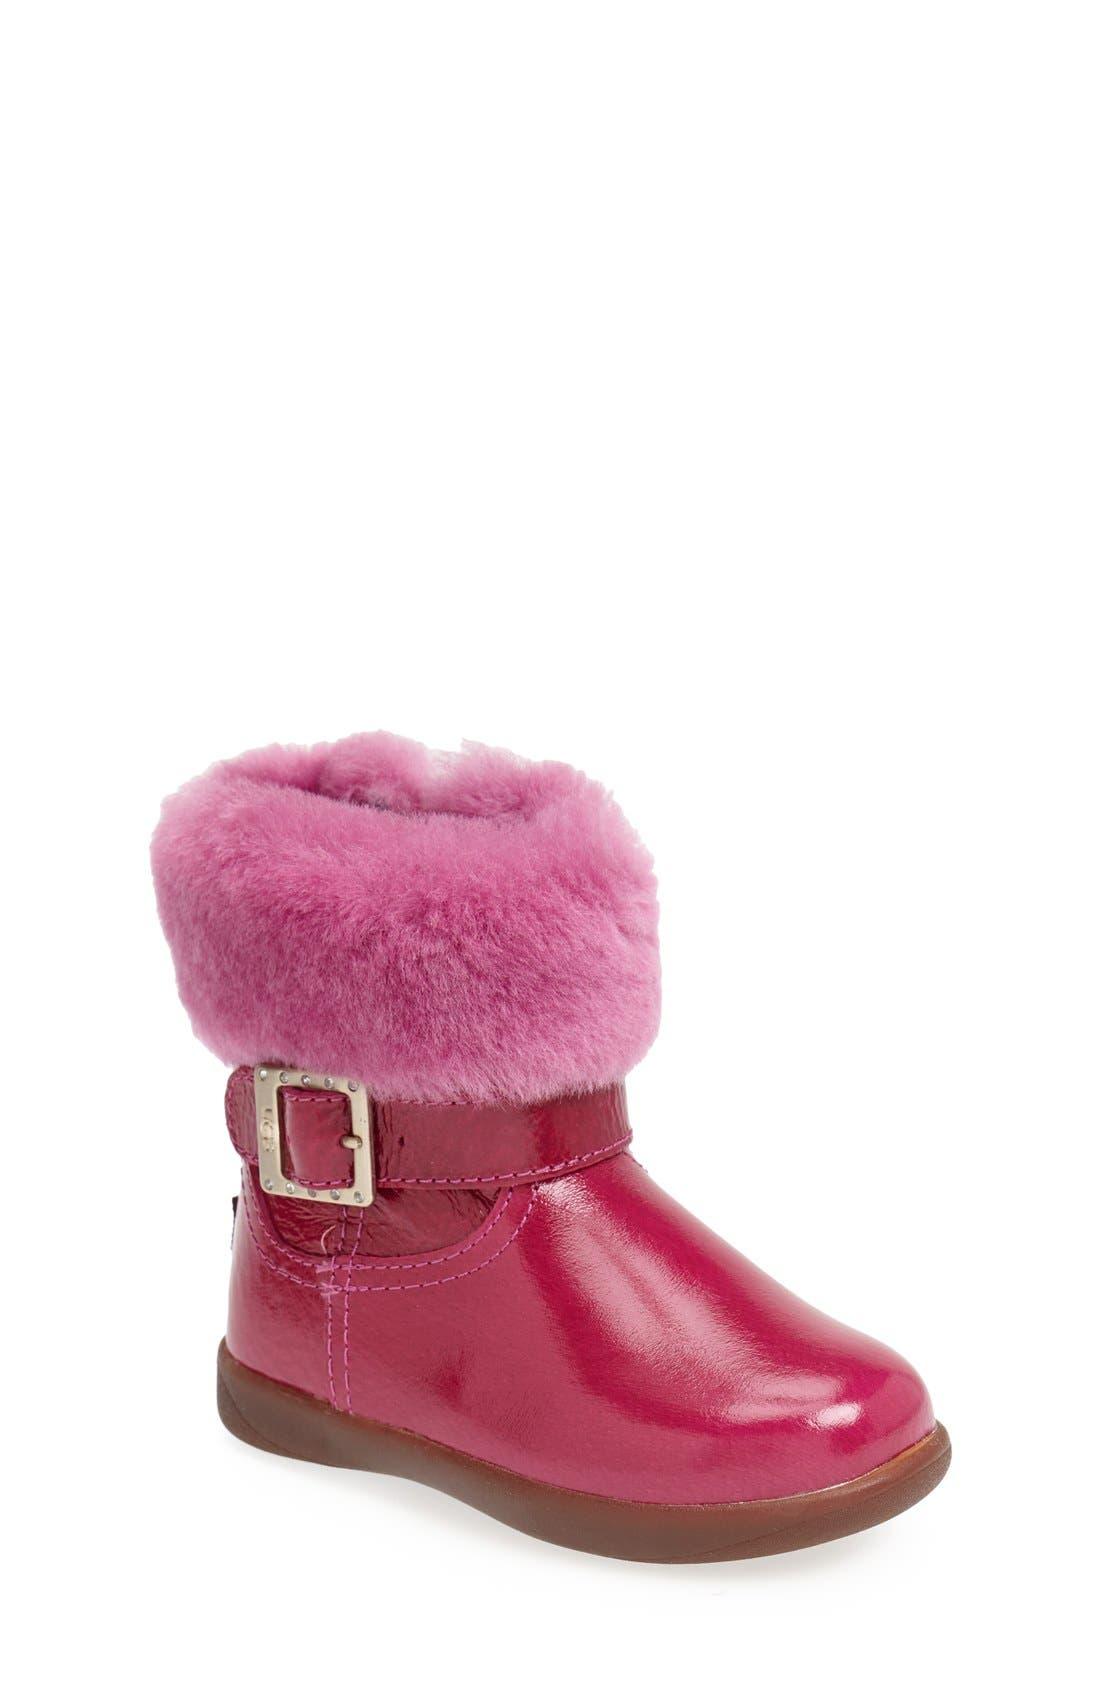 Alternate Image 1 Selected - UGG® Gemma Boot (Walker & Toddler)